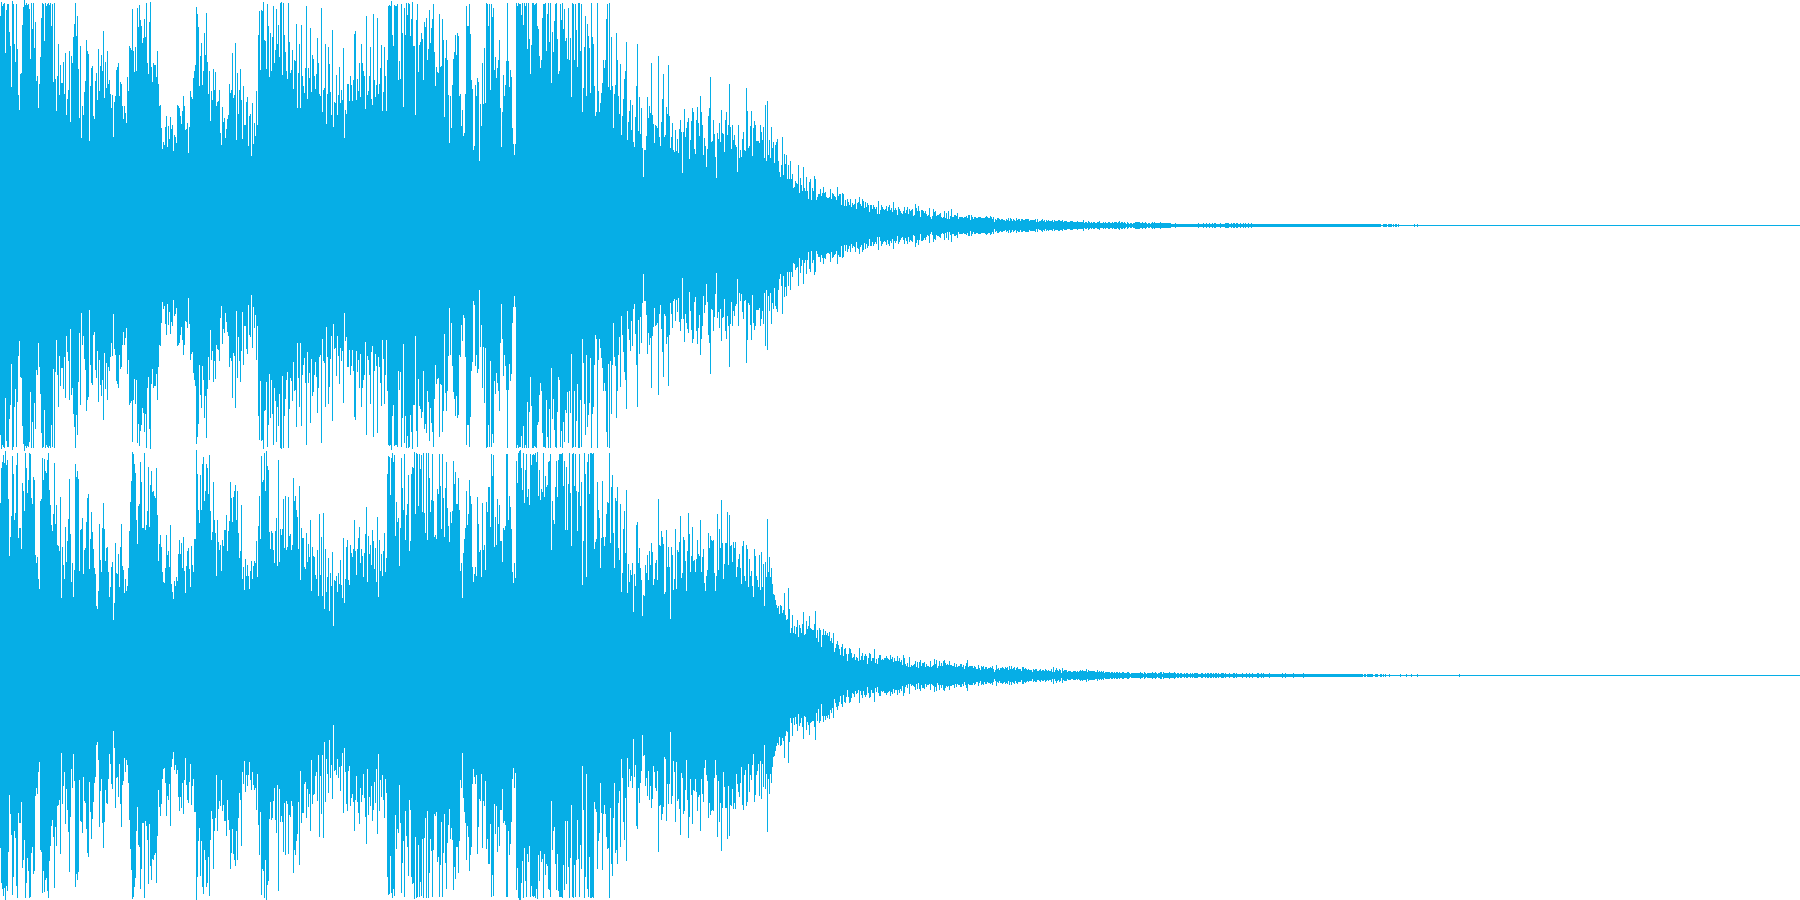 三味線・箏・尺八・和太鼓・ジングル01の再生済みの波形